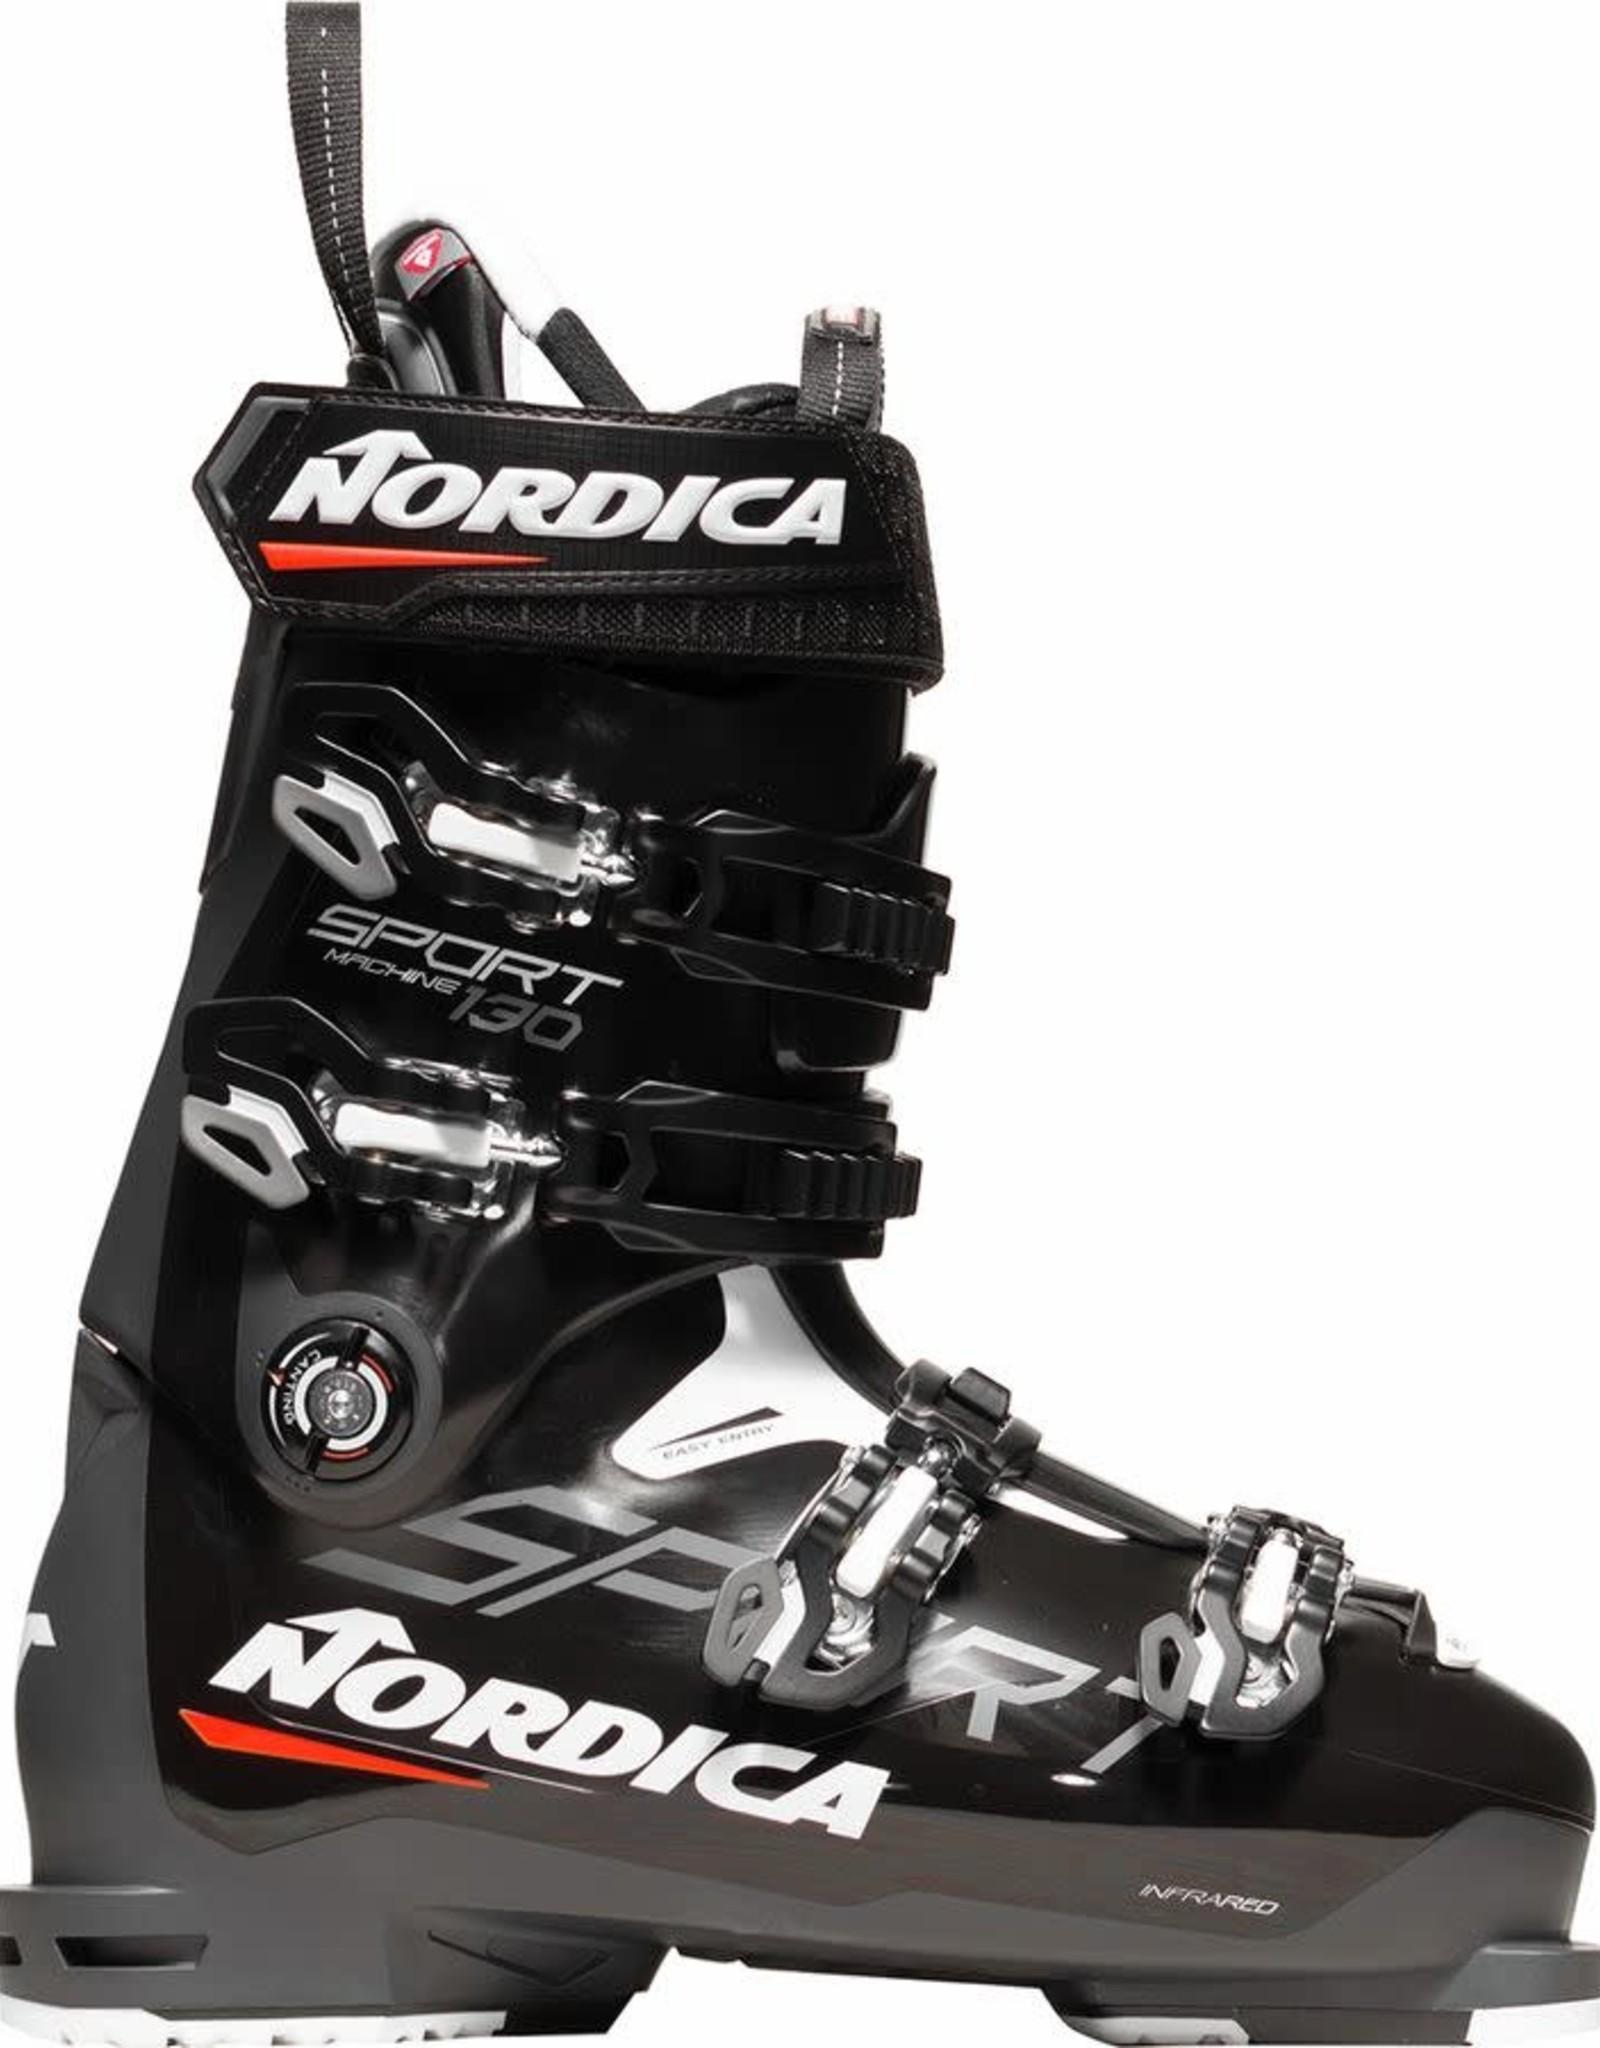 NORDICA NORDICA Ski Boots SPORTMACHINE 130 (20/21)